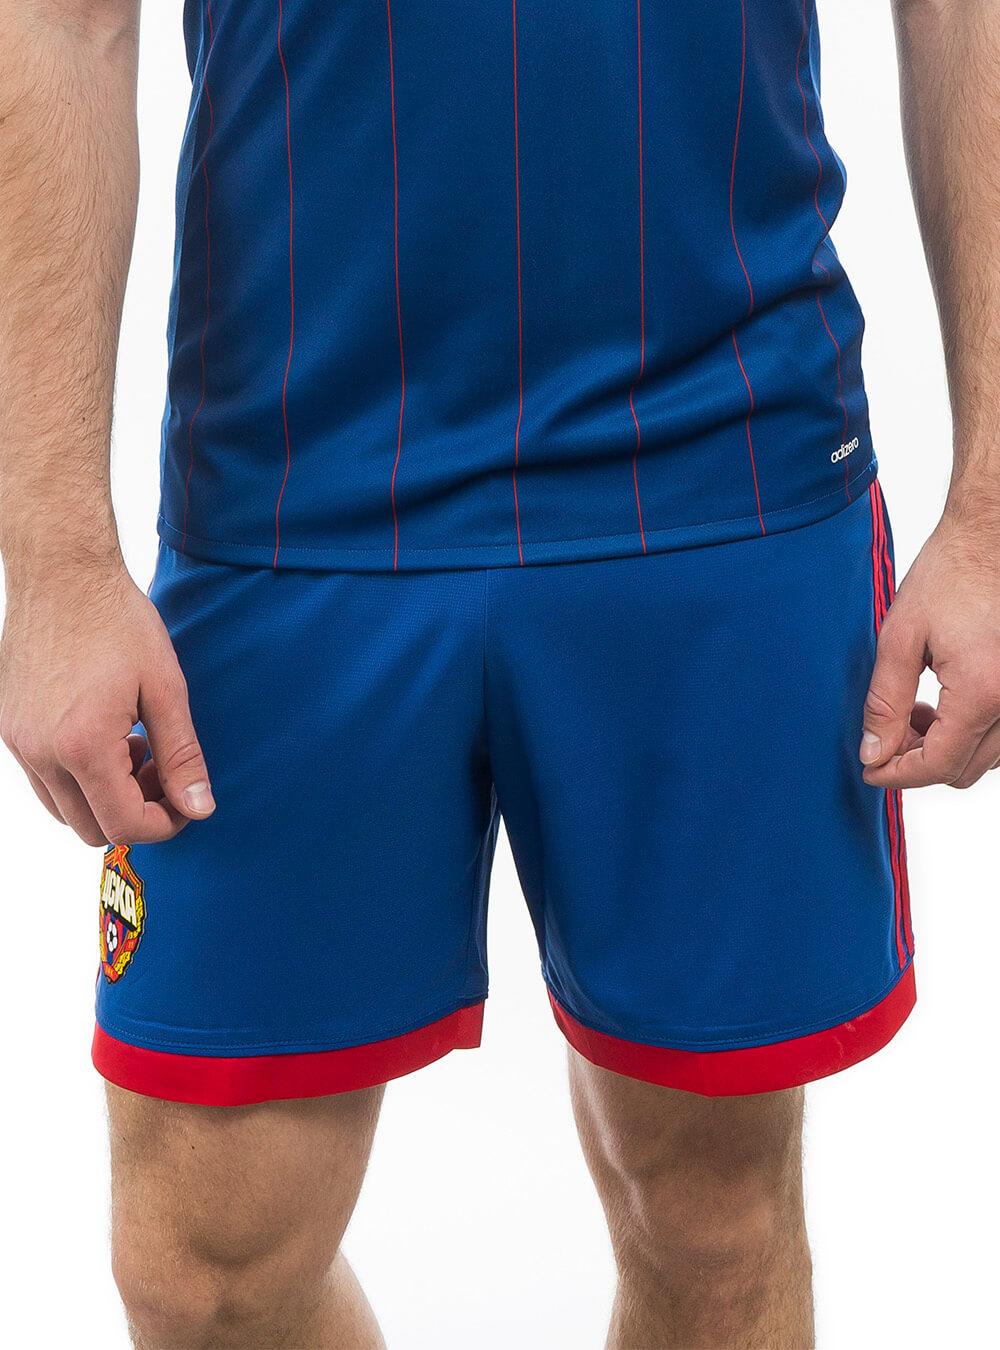 Игровые шорты домашние резервные (оригинал), цвет синий (M)Игровая форма 2017/2018<br>Игровые шорты домашние резервные (оригинал), цвет синий<br>